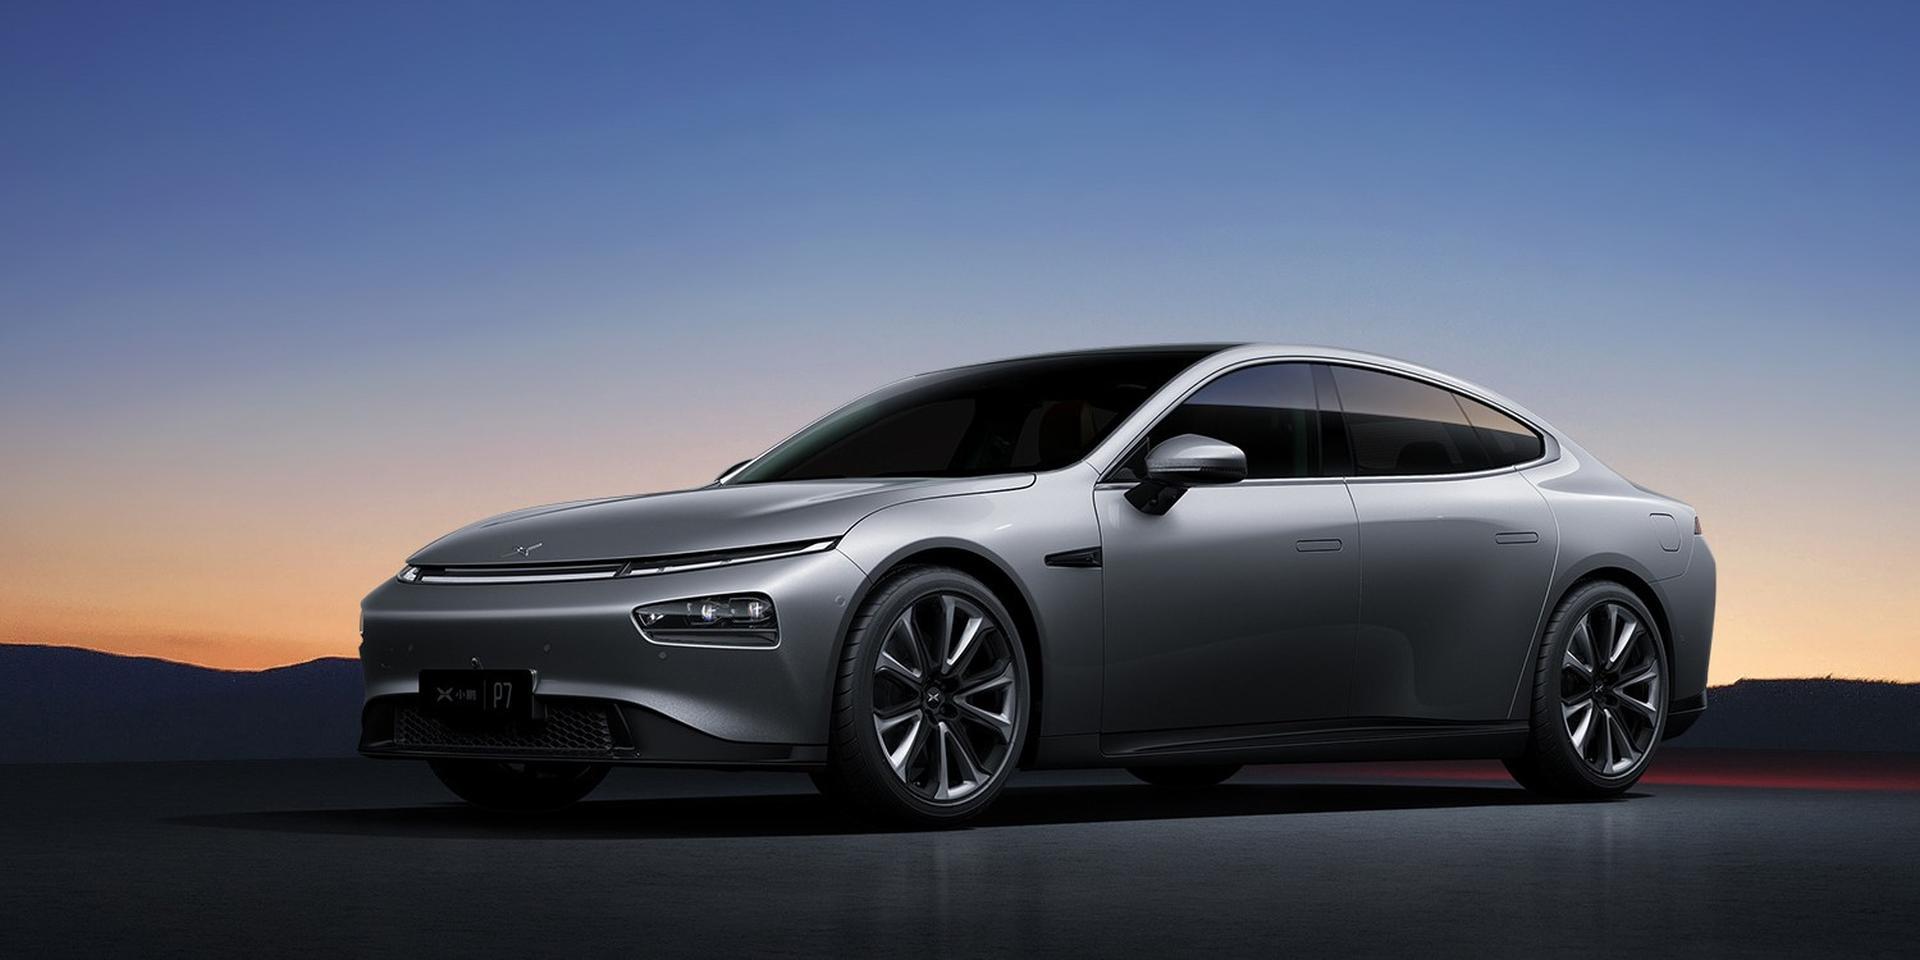 Xpeng kauft anderen E-Auto-Hersteller auf und sichert sich Produktionsmöglichkeiten